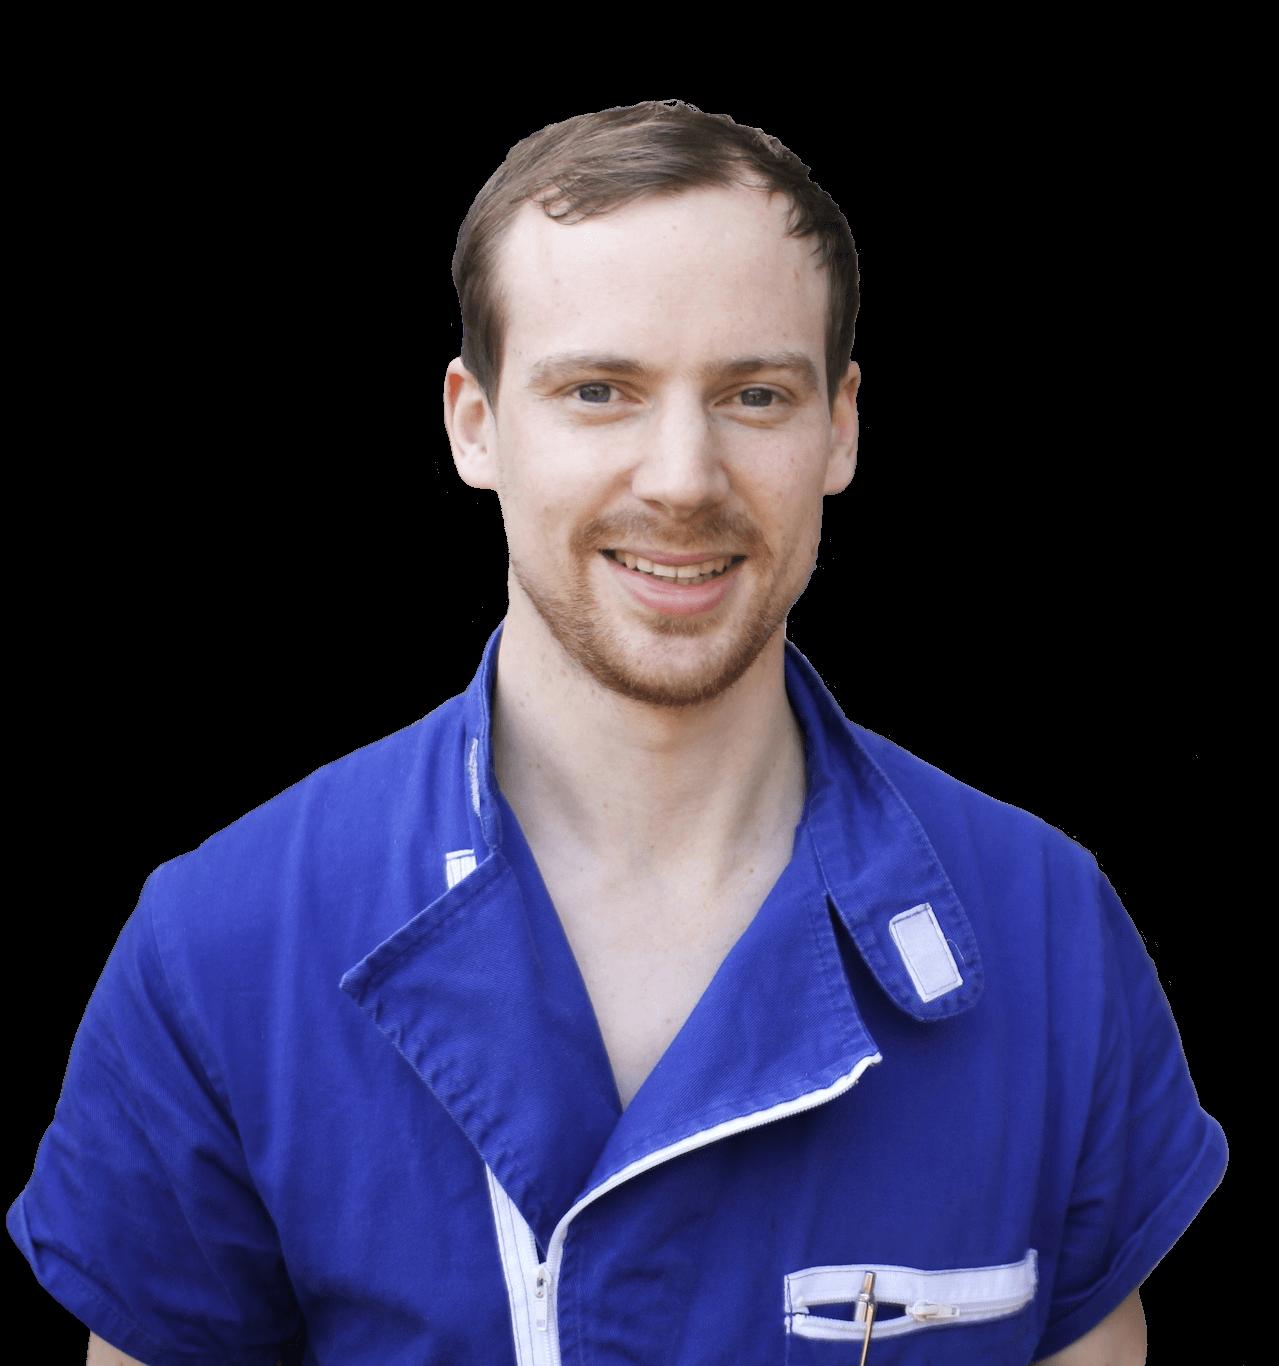 Andrew Slack - Founder of Doctor Carpet